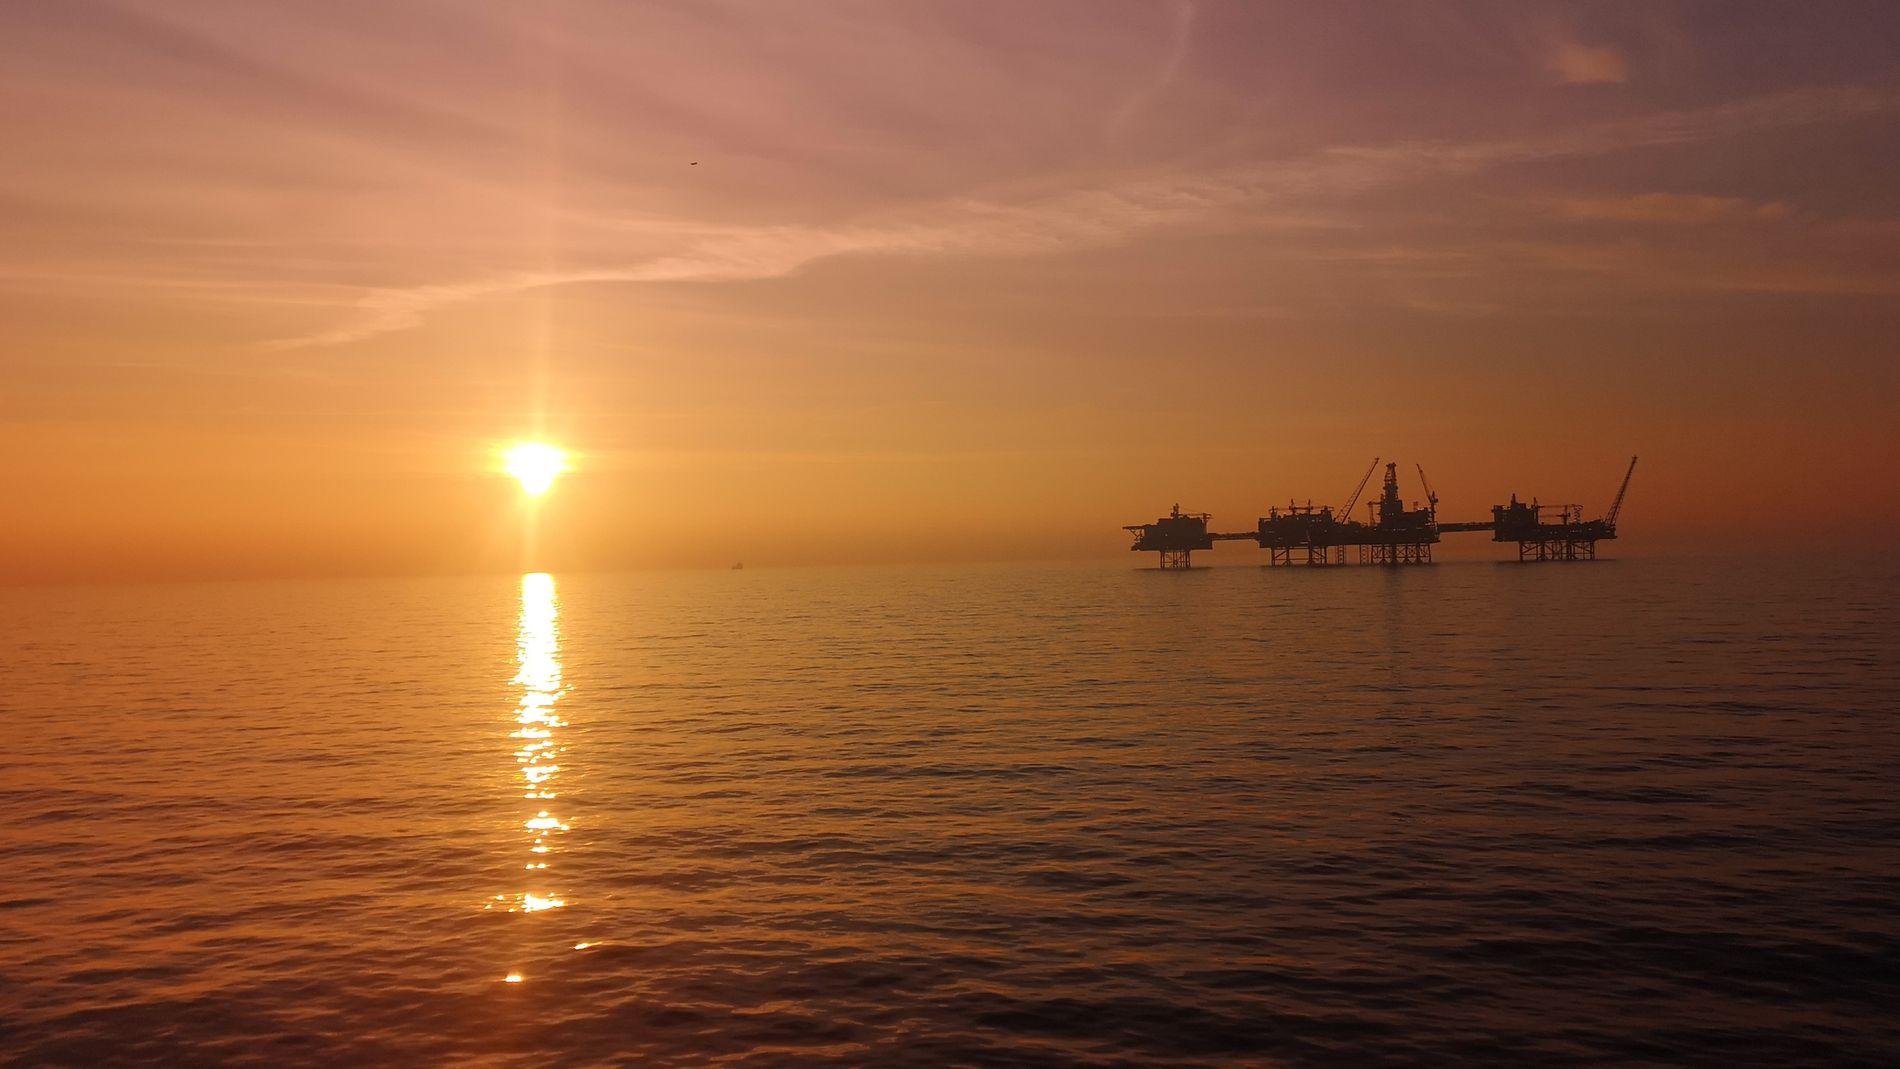 LAVERE PRIS: Pareto Securities venter noe lavere oljepris enn tidligere, og nedjusterer kursmålene på en rekke oljeselskaper. Men fortsatt tror meglerhuset på aksjekurser godt over dagens nivå. Dette er gigantfeltet Johan Sverdrup i Nordsjøen, som trolig starter opp produksjonen i oktober.